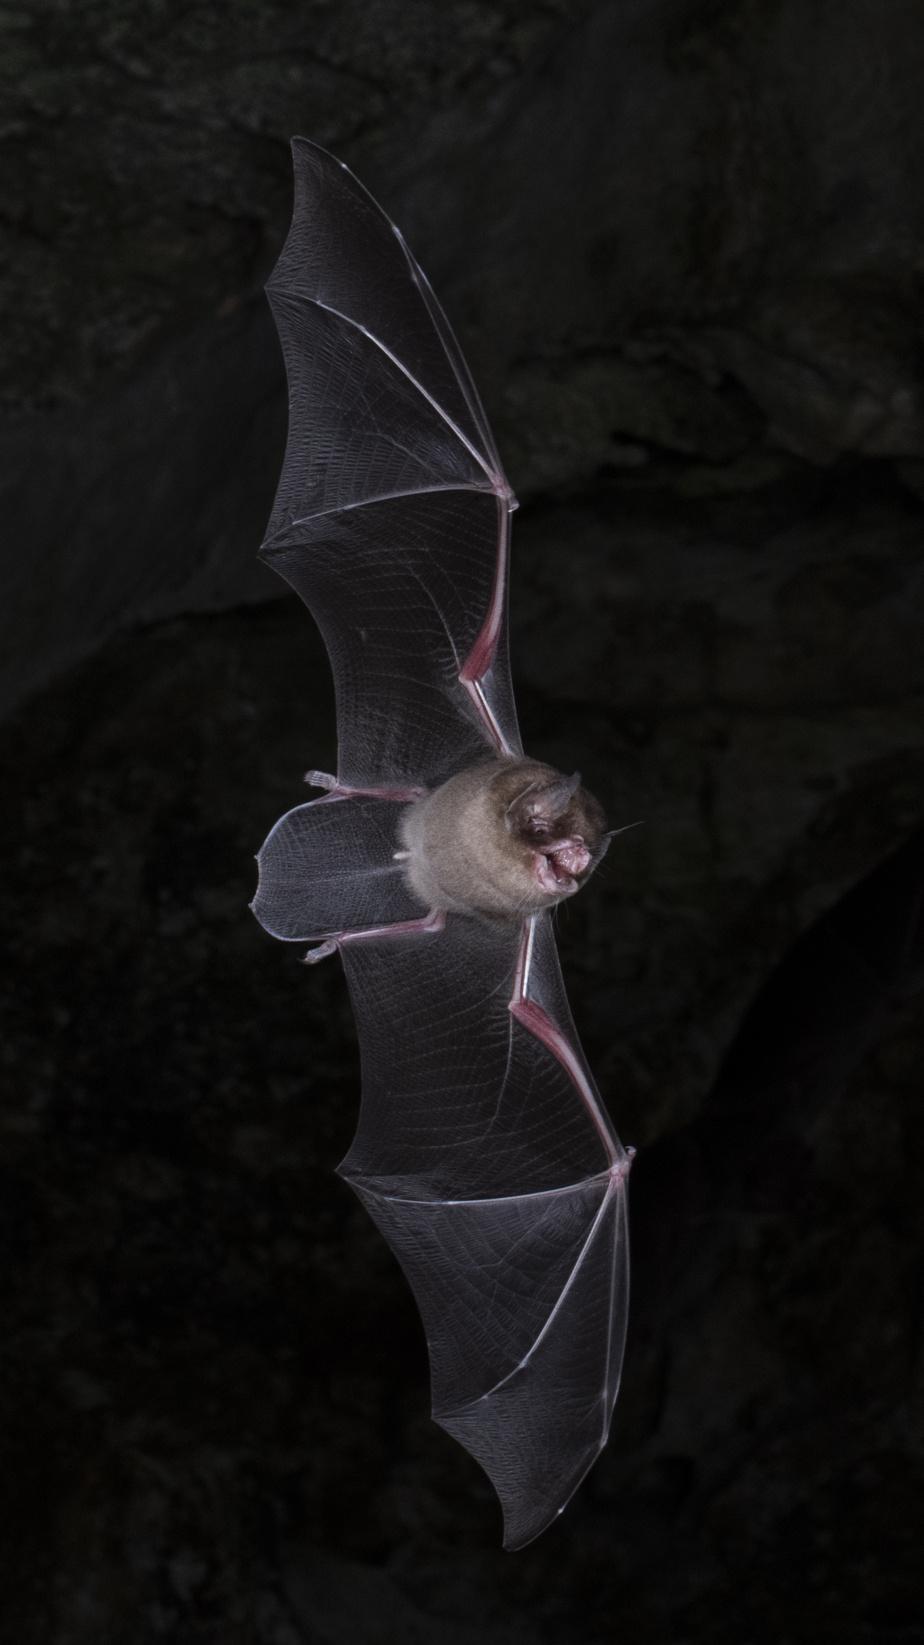 El murciélago Pteronotus parnellii, una especie que se encuentra en el Hogar lejos del hogar. Cueva